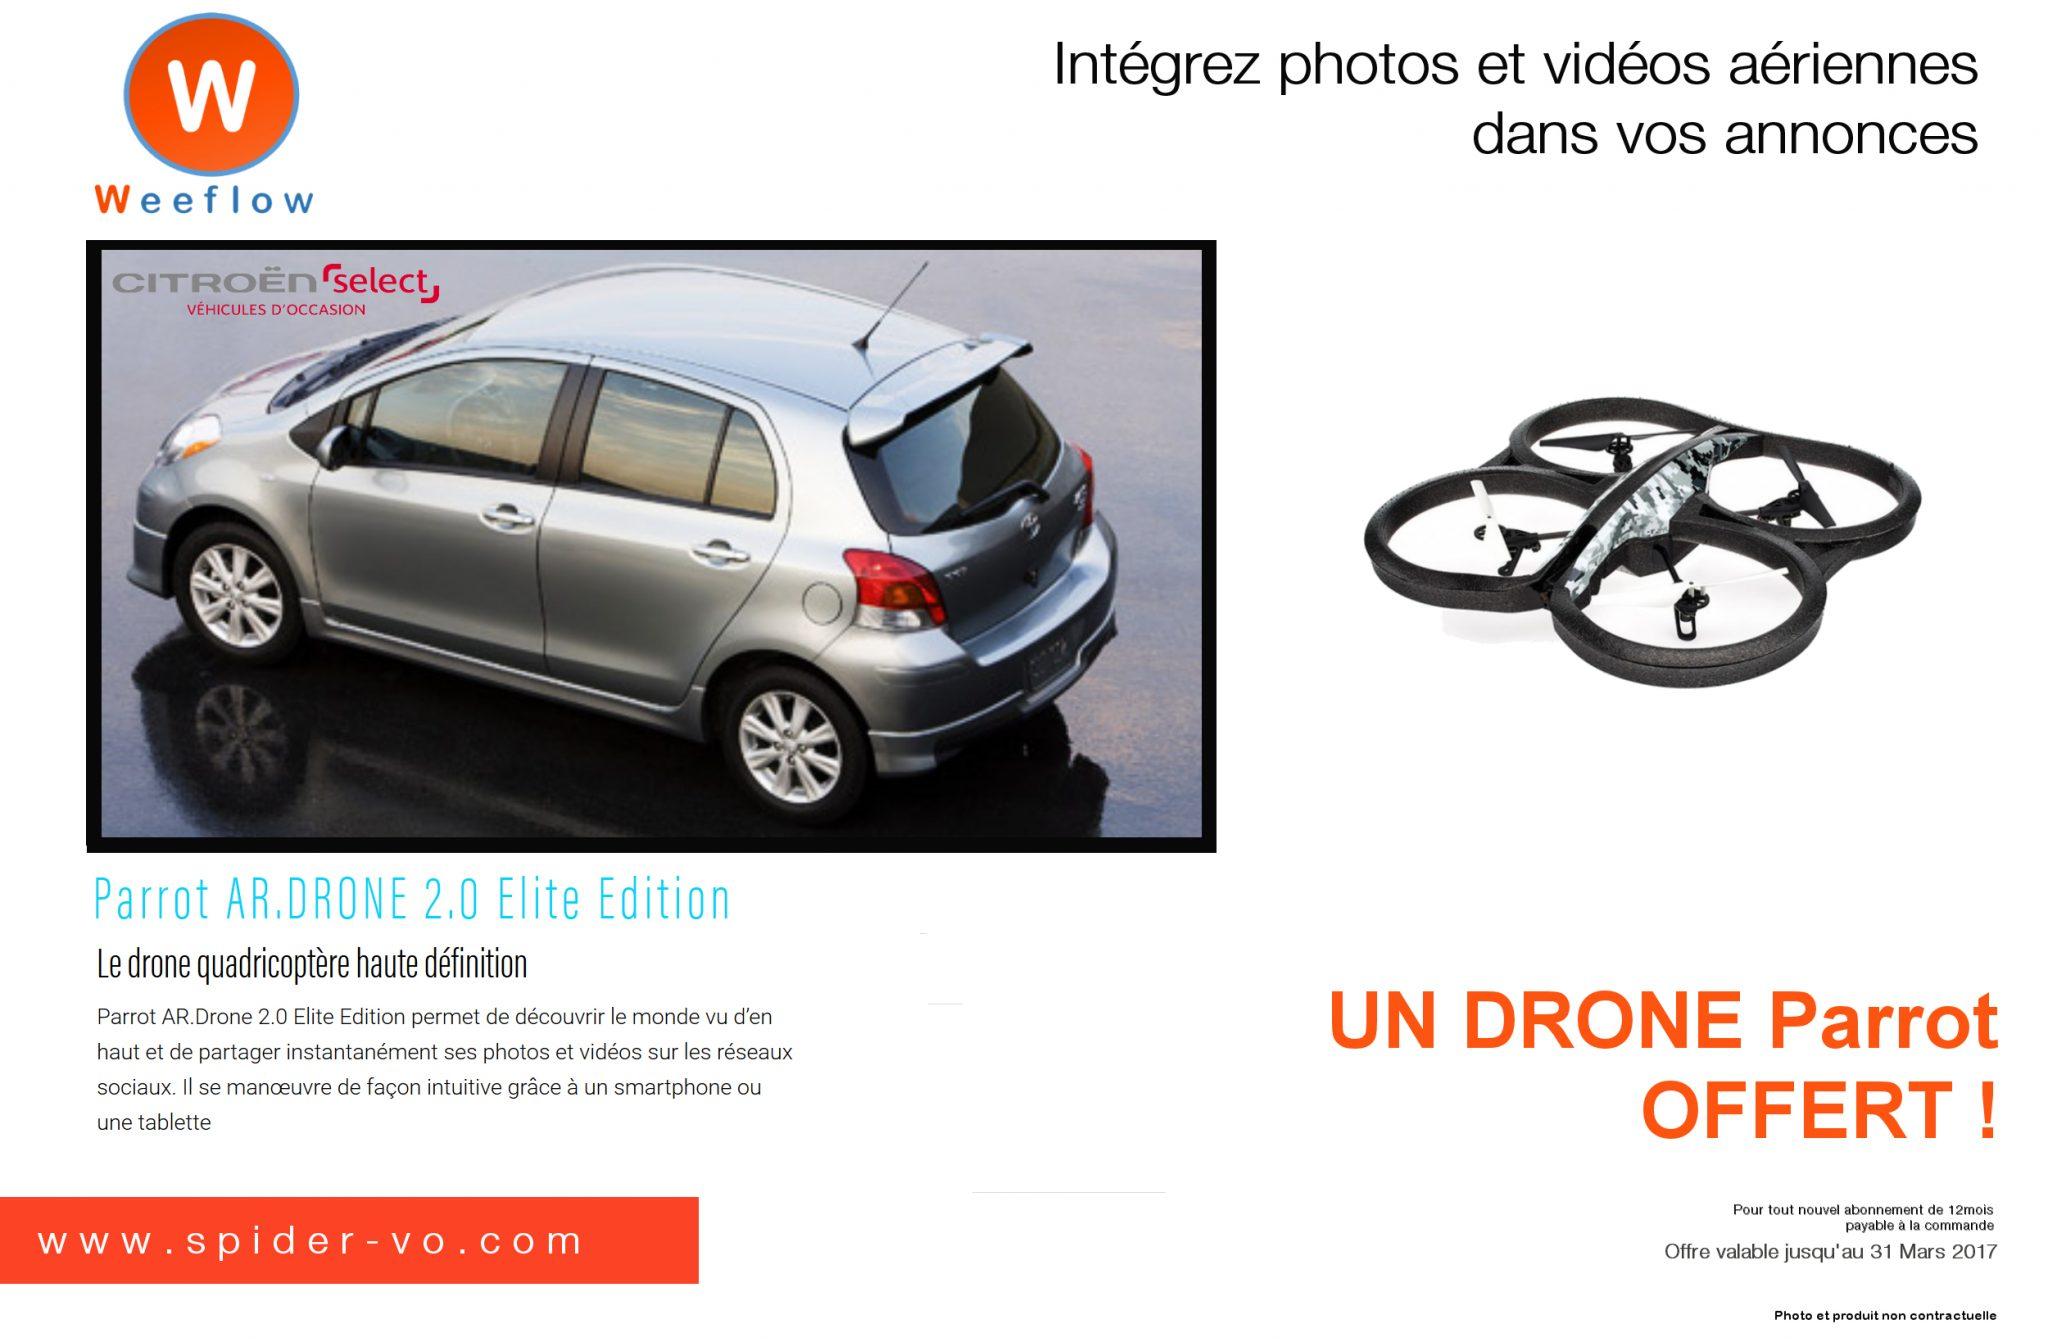 Intégrez photos et vidéos aériennes dans vos annonces !